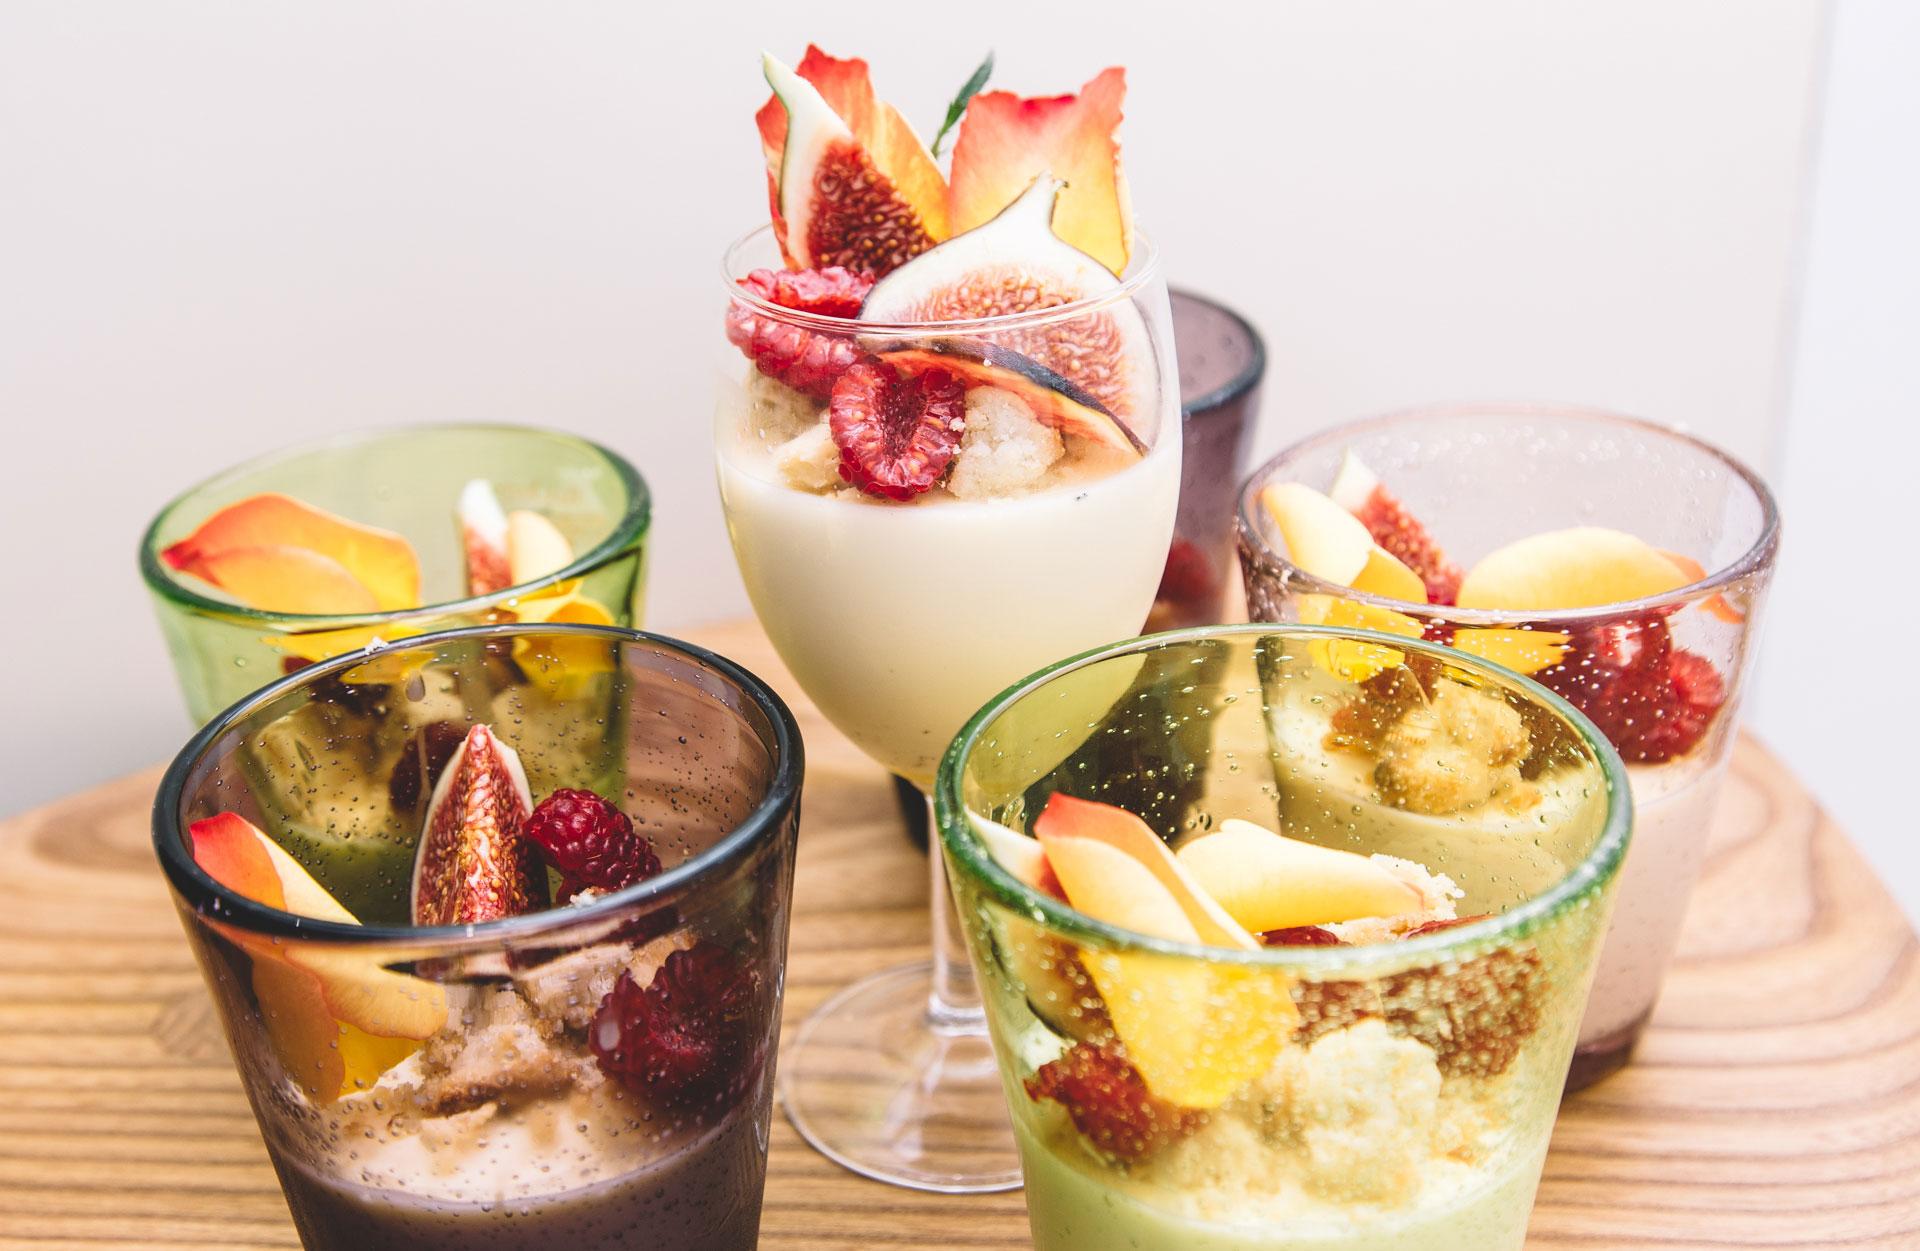 Scrumptious  La Belle Assiette Desserts